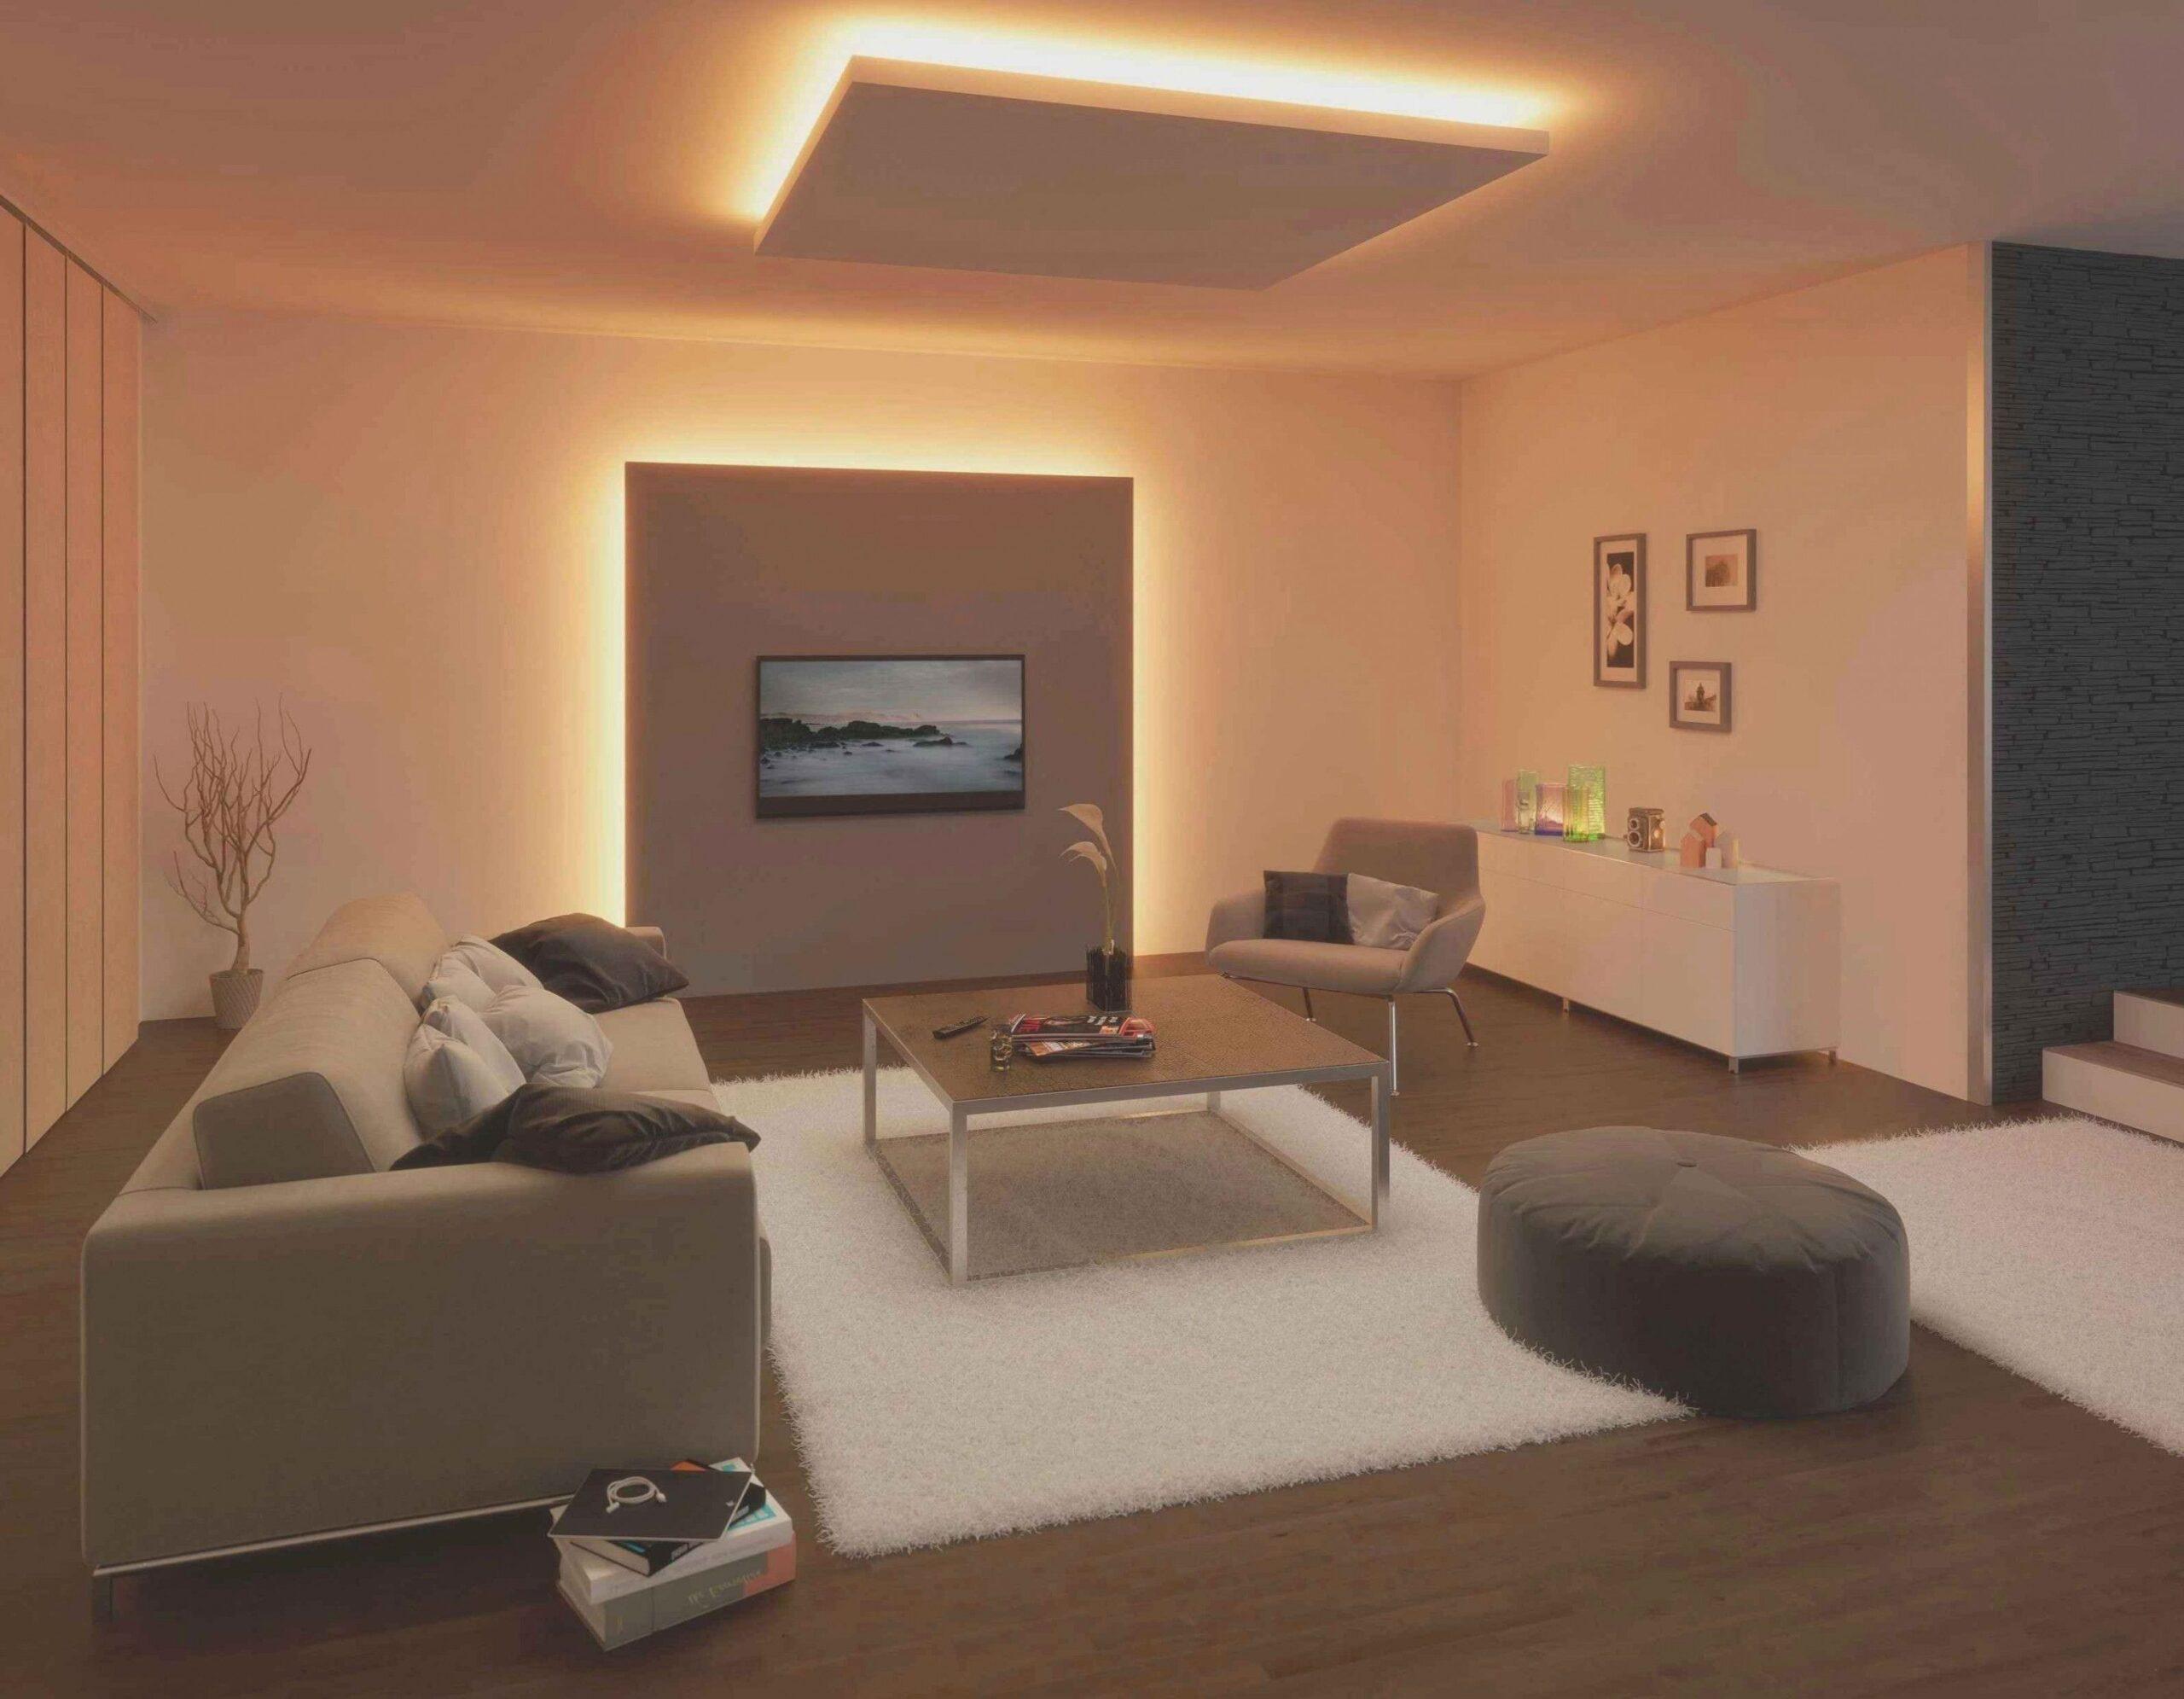 Full Size of Lampen Wohnzimmer Decke Ikea Leuchten Lampe Stehend Von Design Mit Sofa Schlaffunktion Küche Kaufen Kosten Modulküche Betten 160x200 Miniküche Bei Wohnzimmer Wohnzimmerlampen Ikea